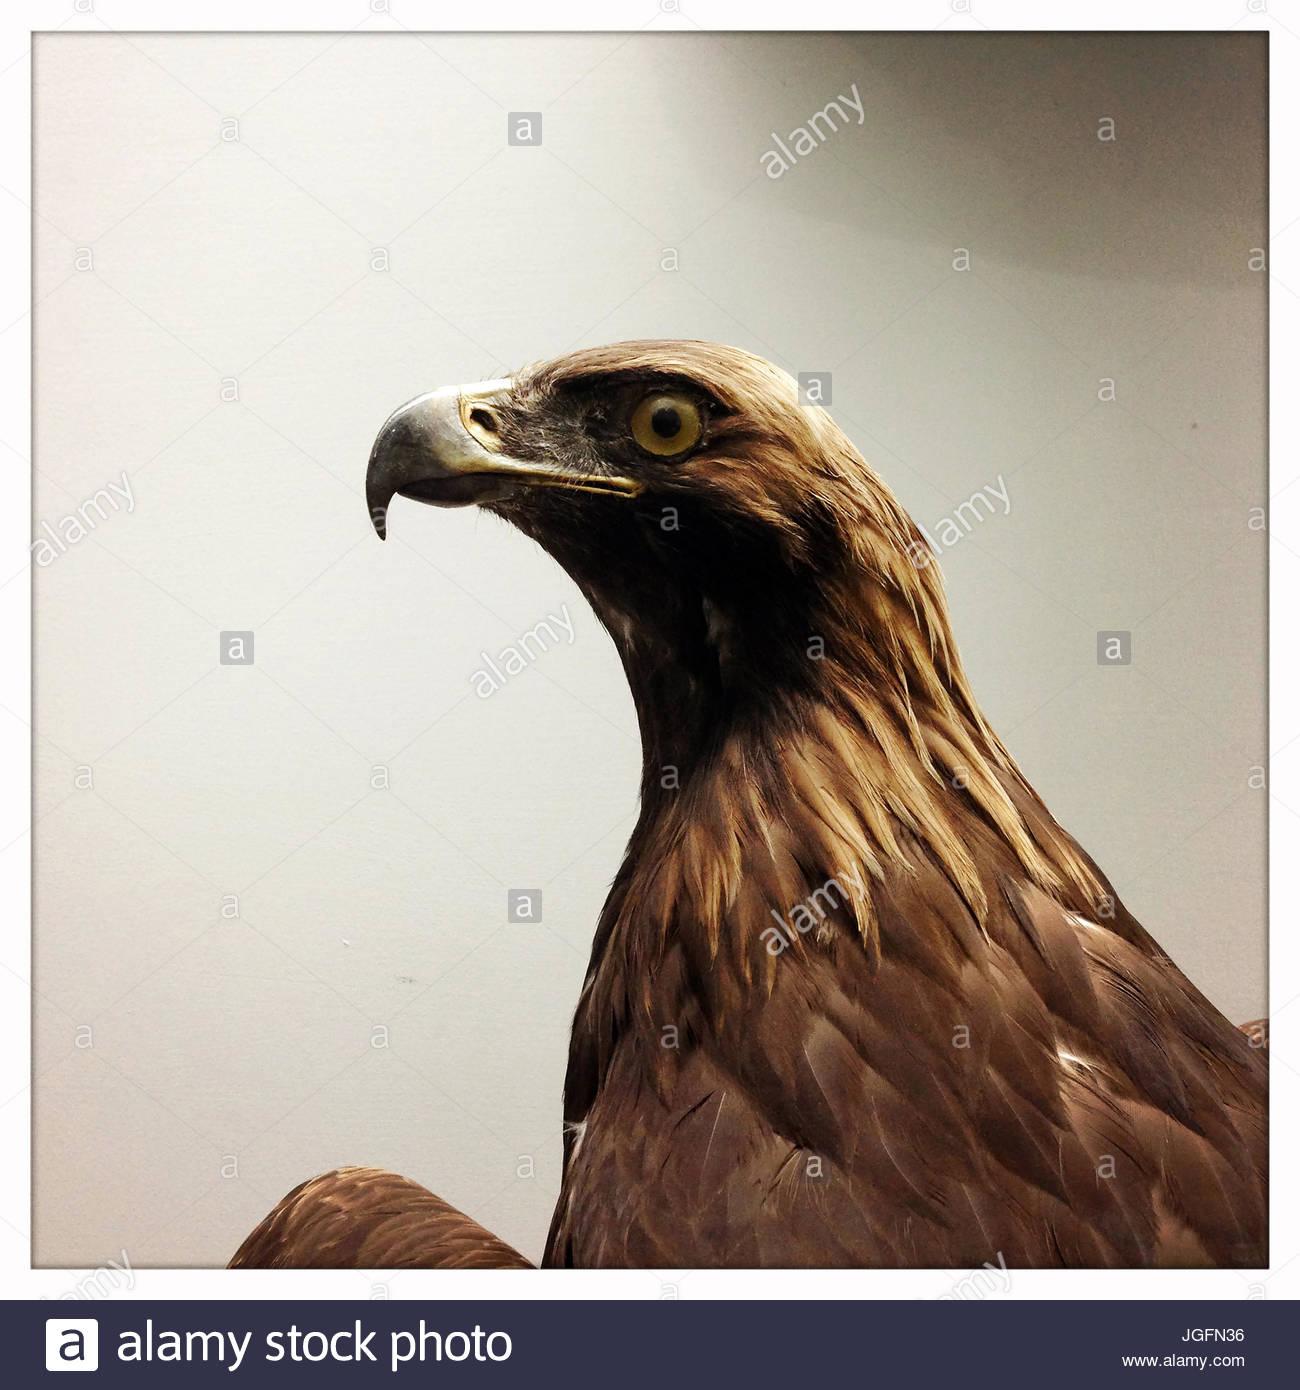 Un aigle peluche sur l'affichage au Natural History Museum à Pékin, en Chine. Photo Stock